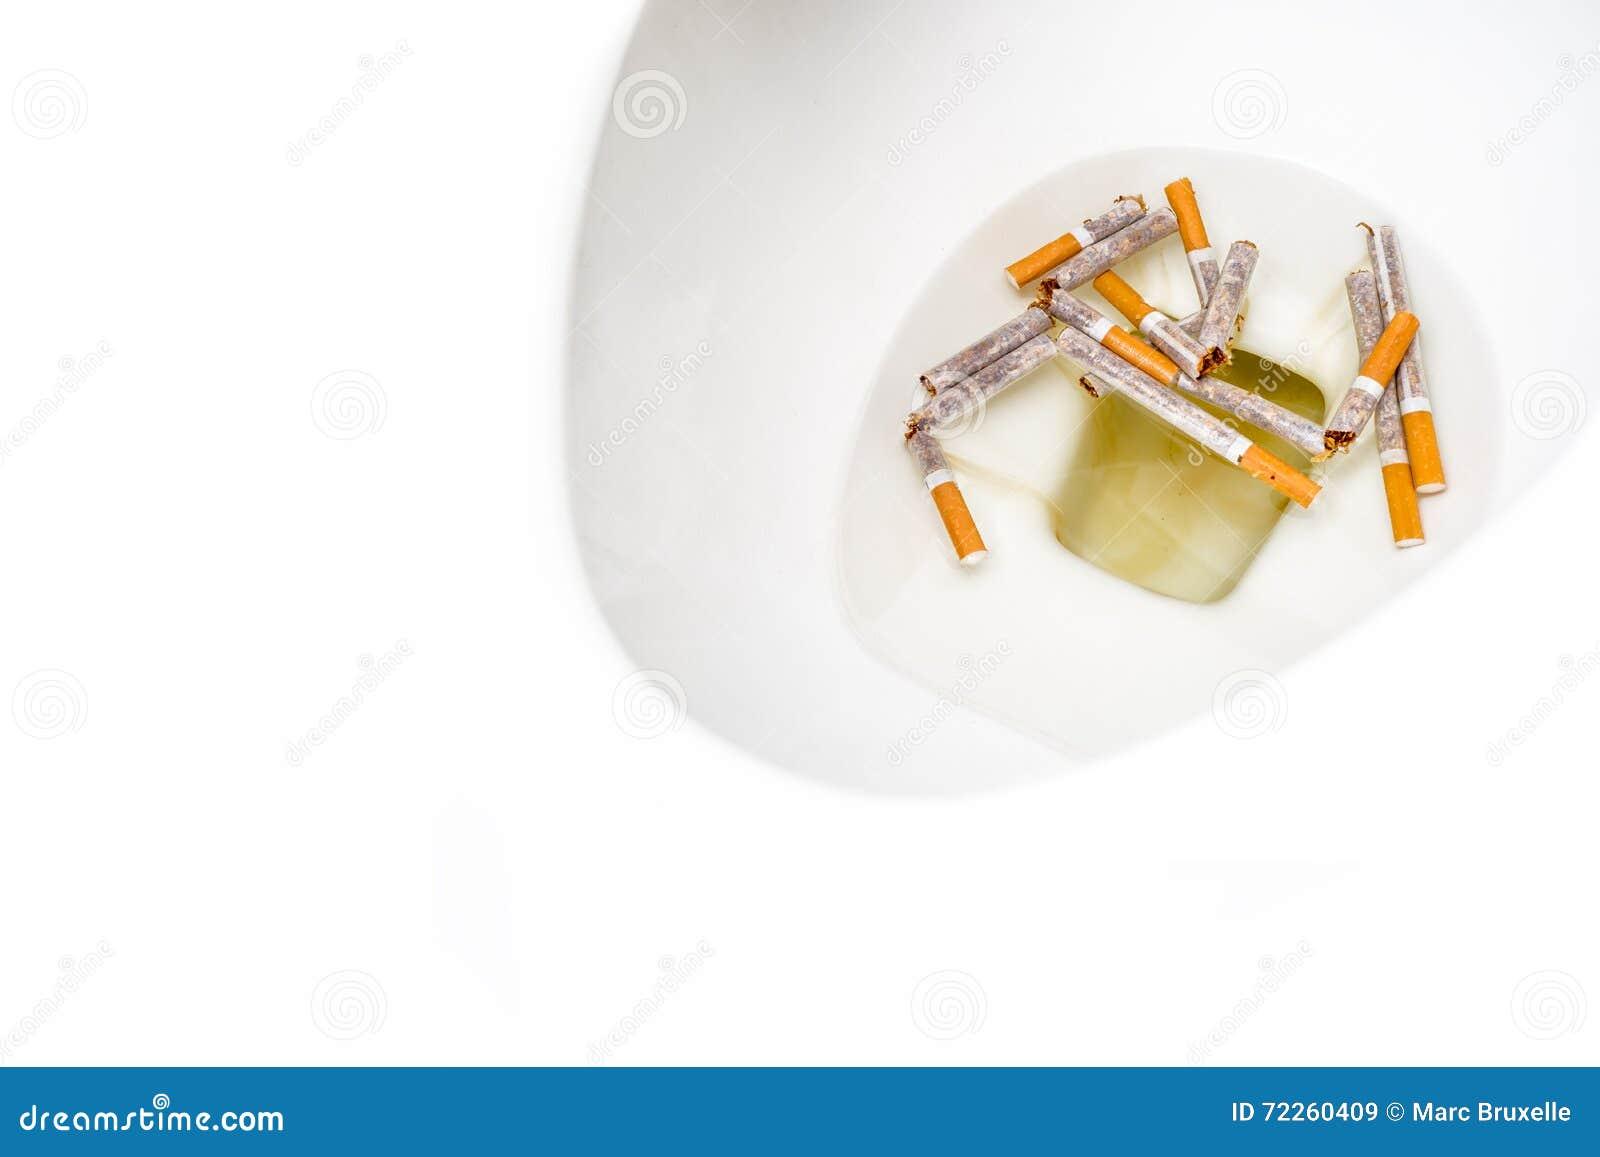 Houd op Smoking